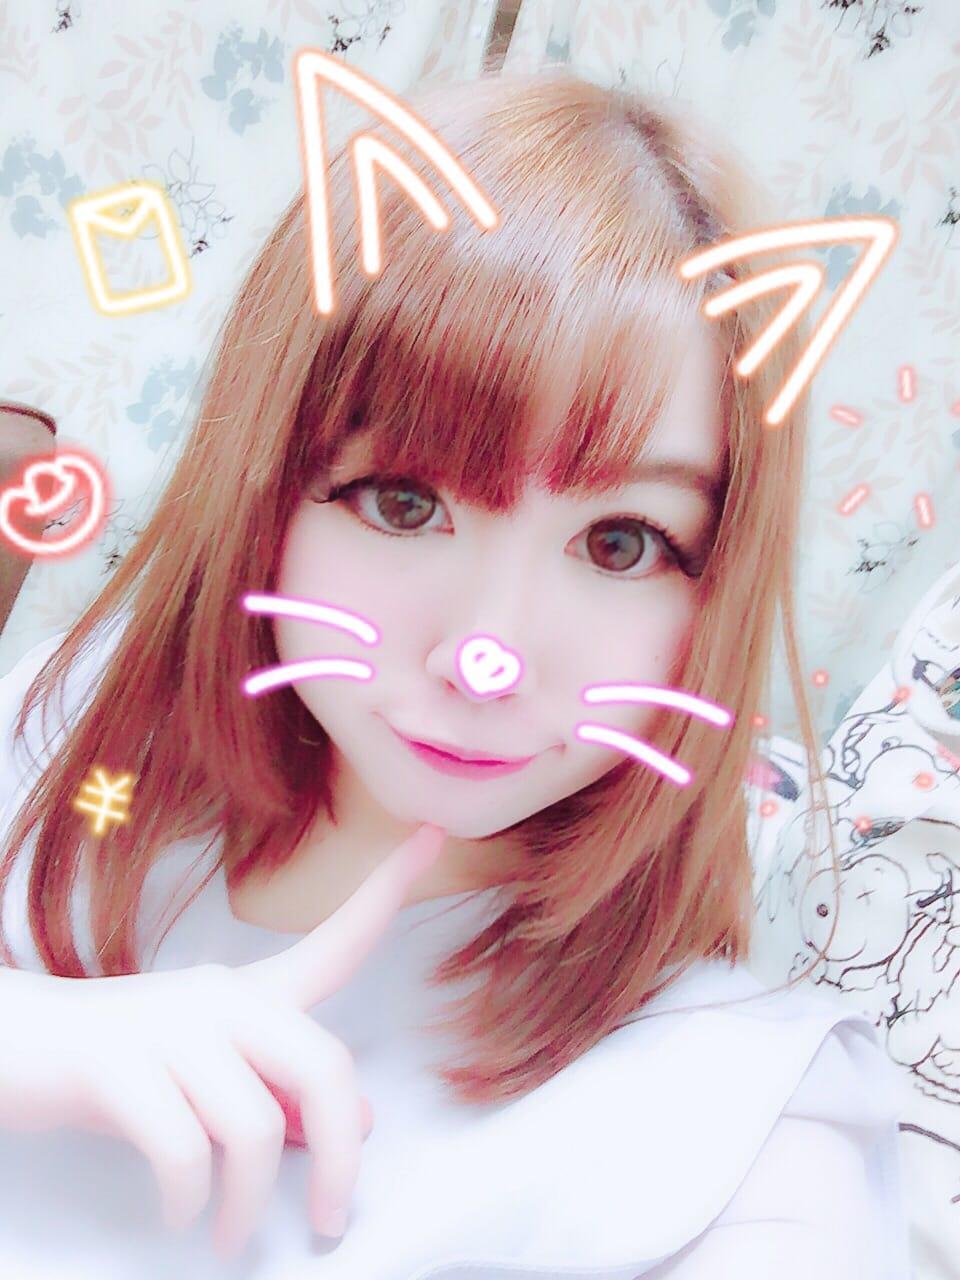 「おはよ(´・ω・`)」03/20(03/20) 09:13 | あやりの写メ・風俗動画